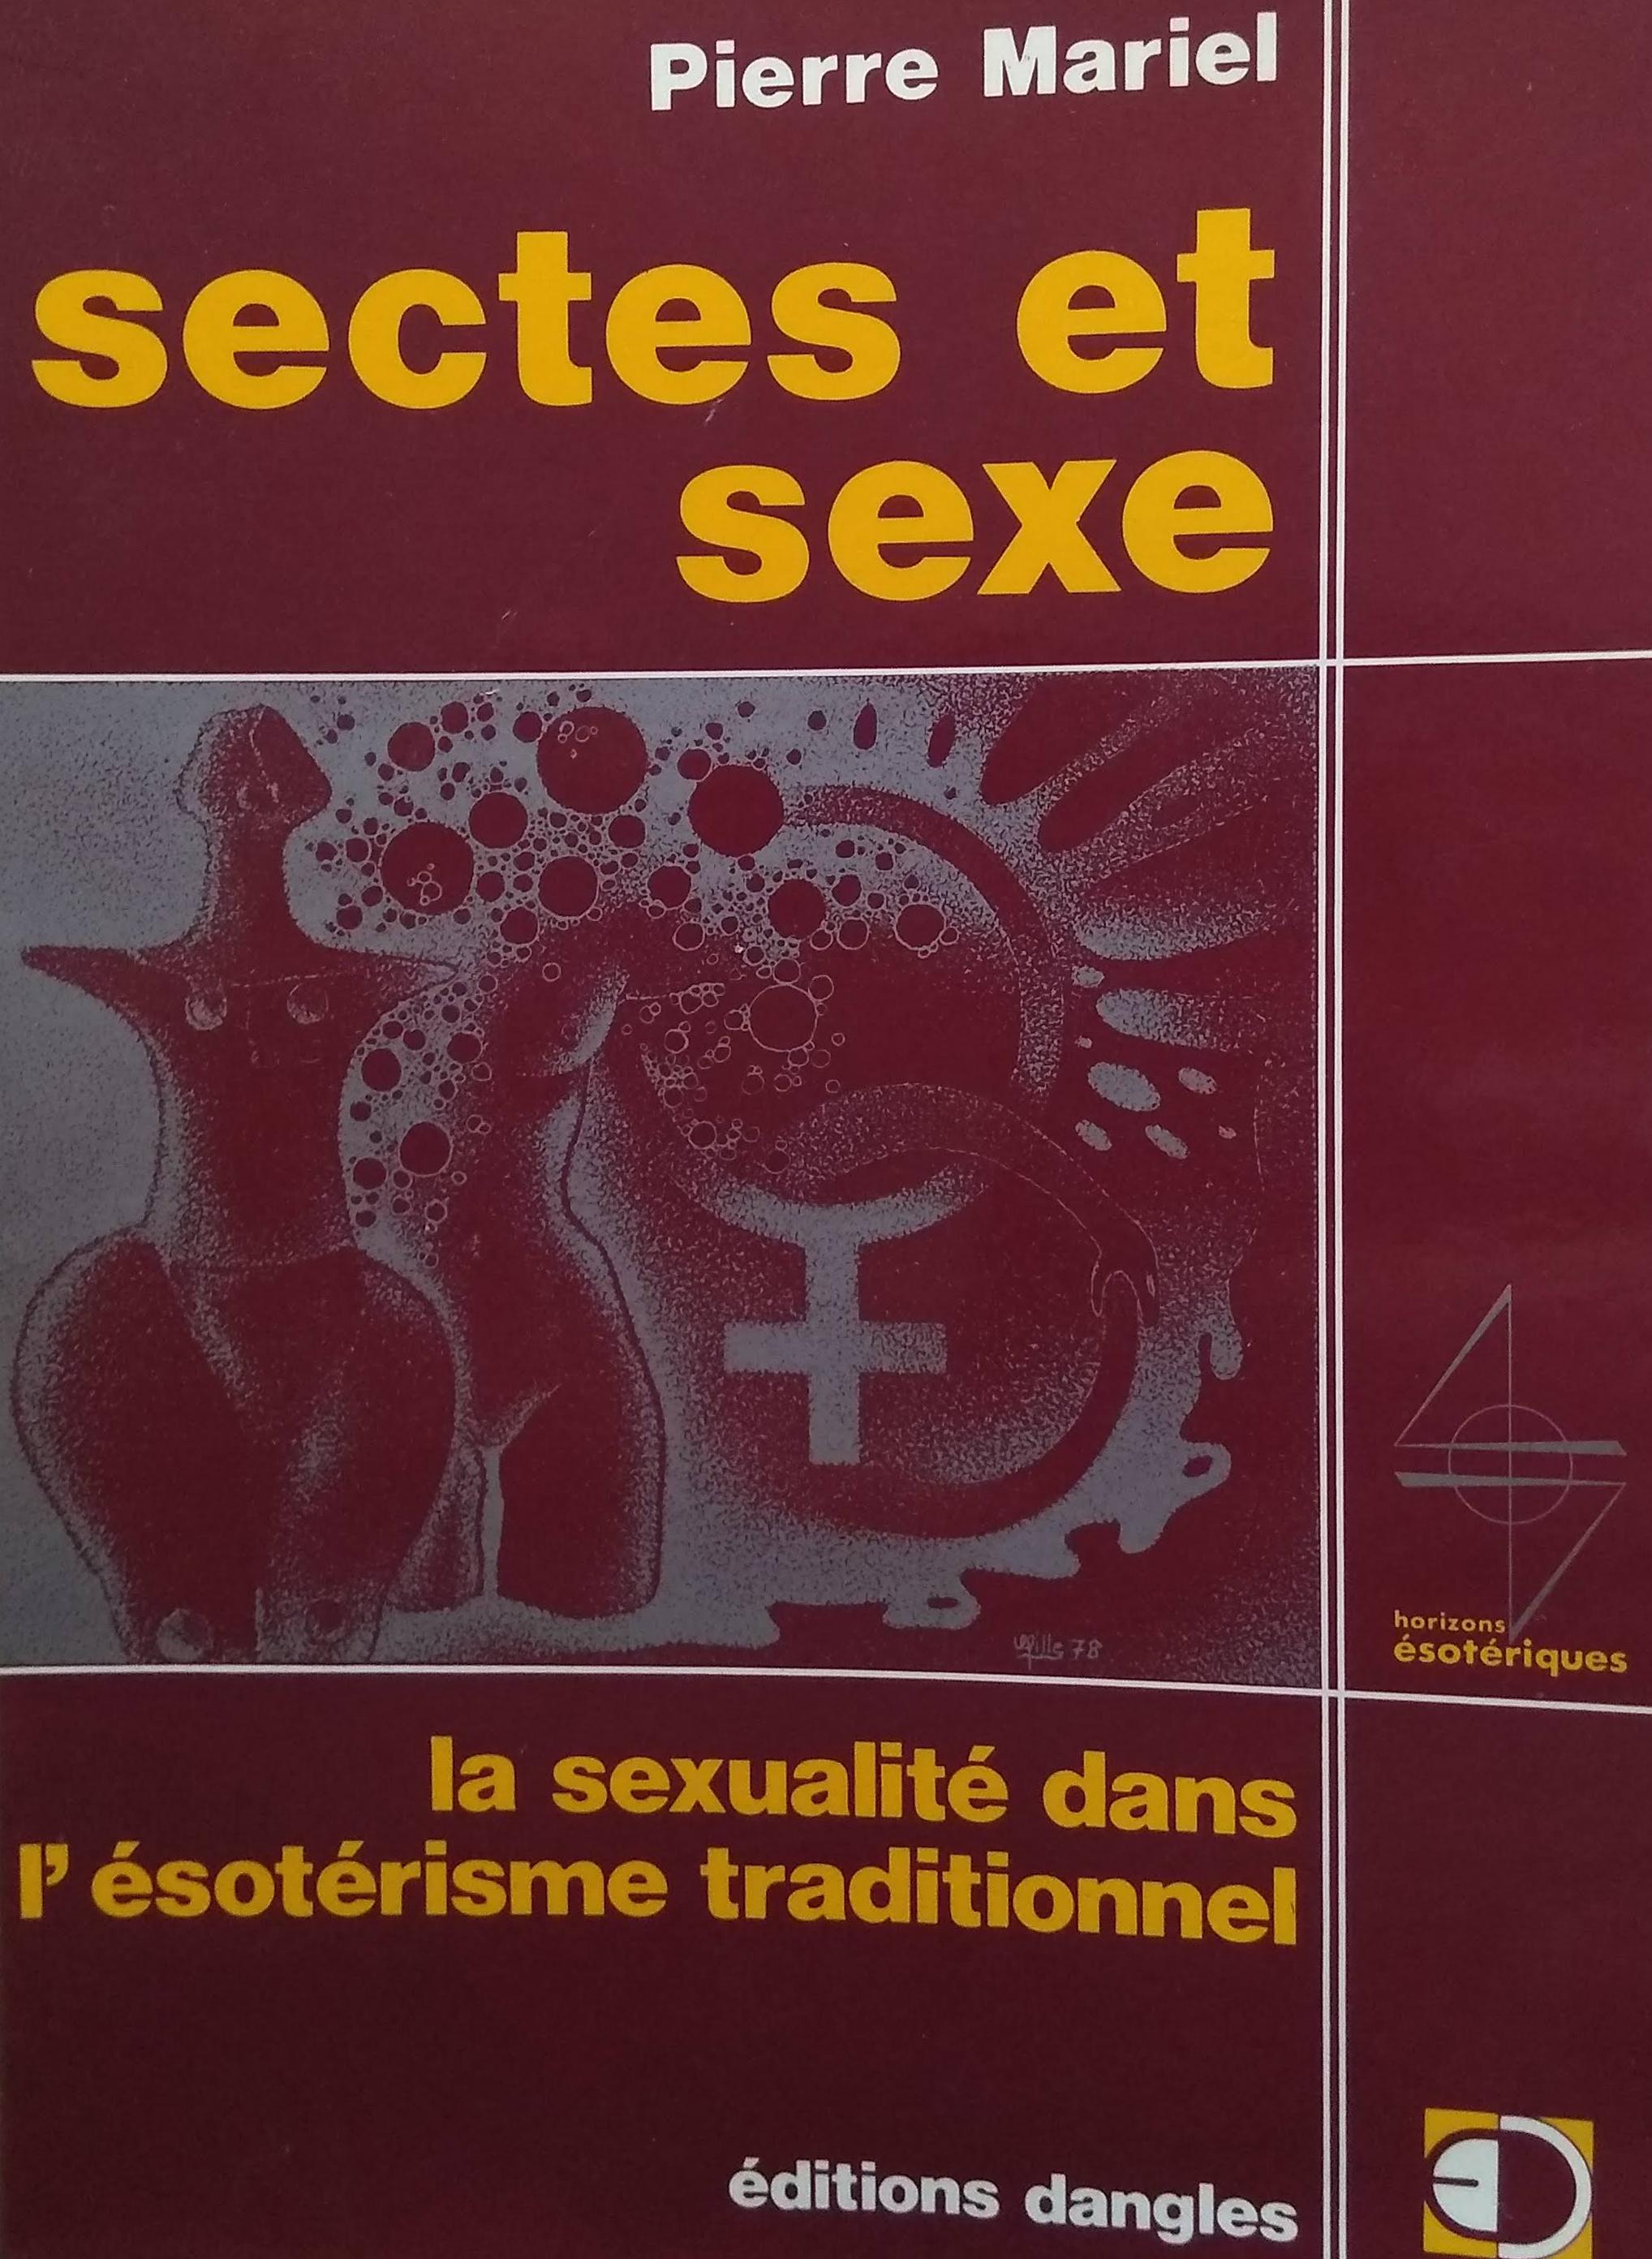 Sectes et sexe